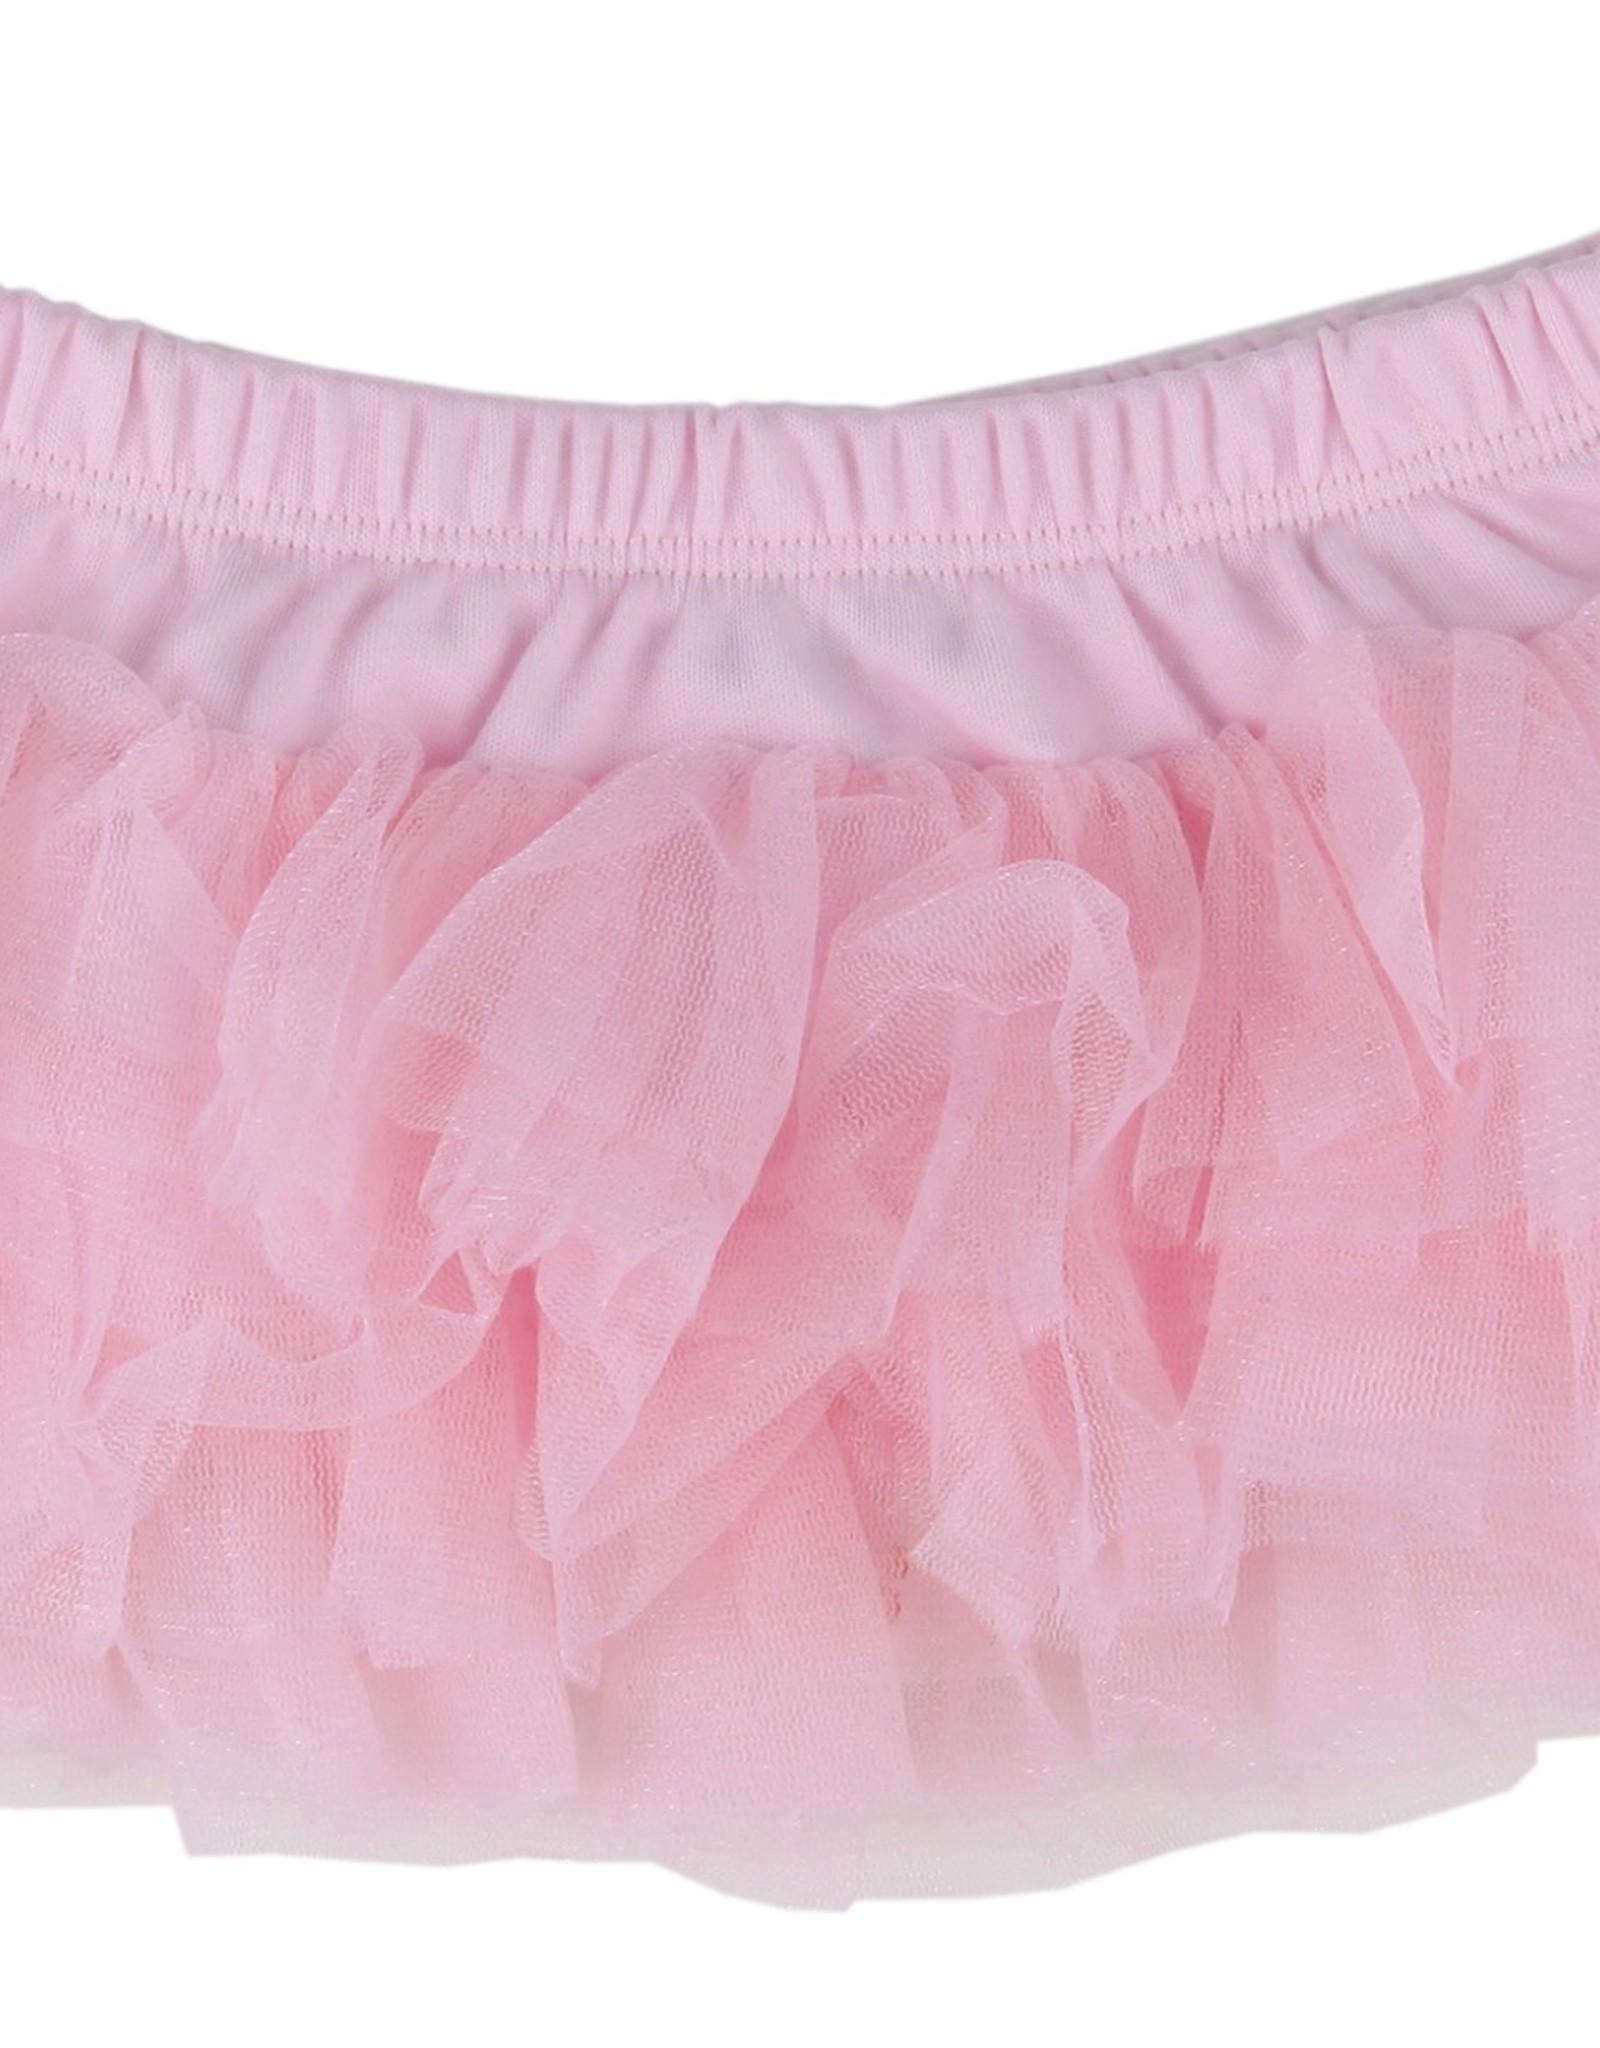 Sara Kety Tutu 6-12 Months Light Pink